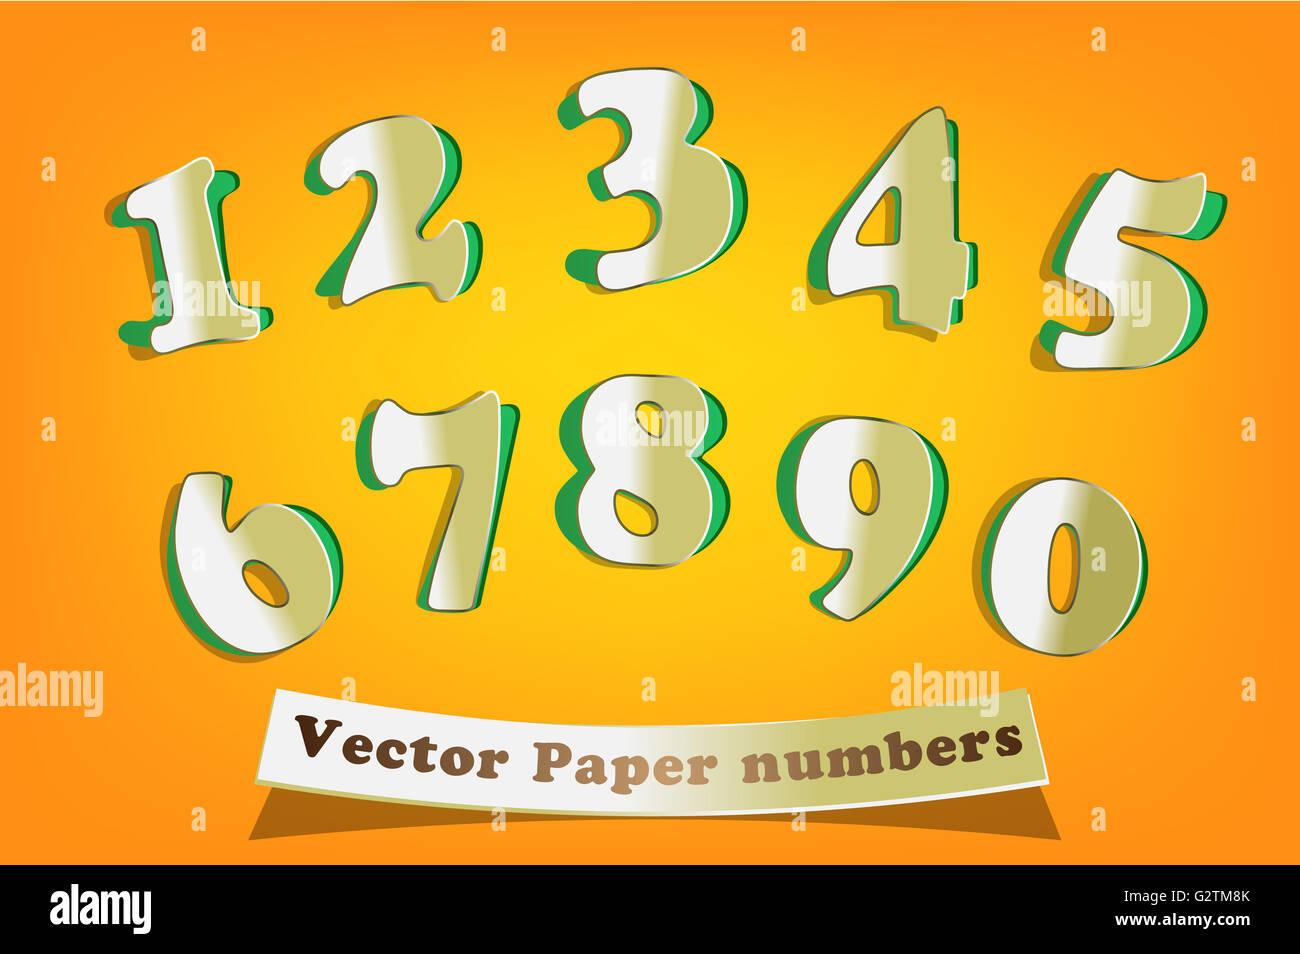 Vettore Di Numeri Immagini Vettore Di Numeri Fotos Stock Alamy